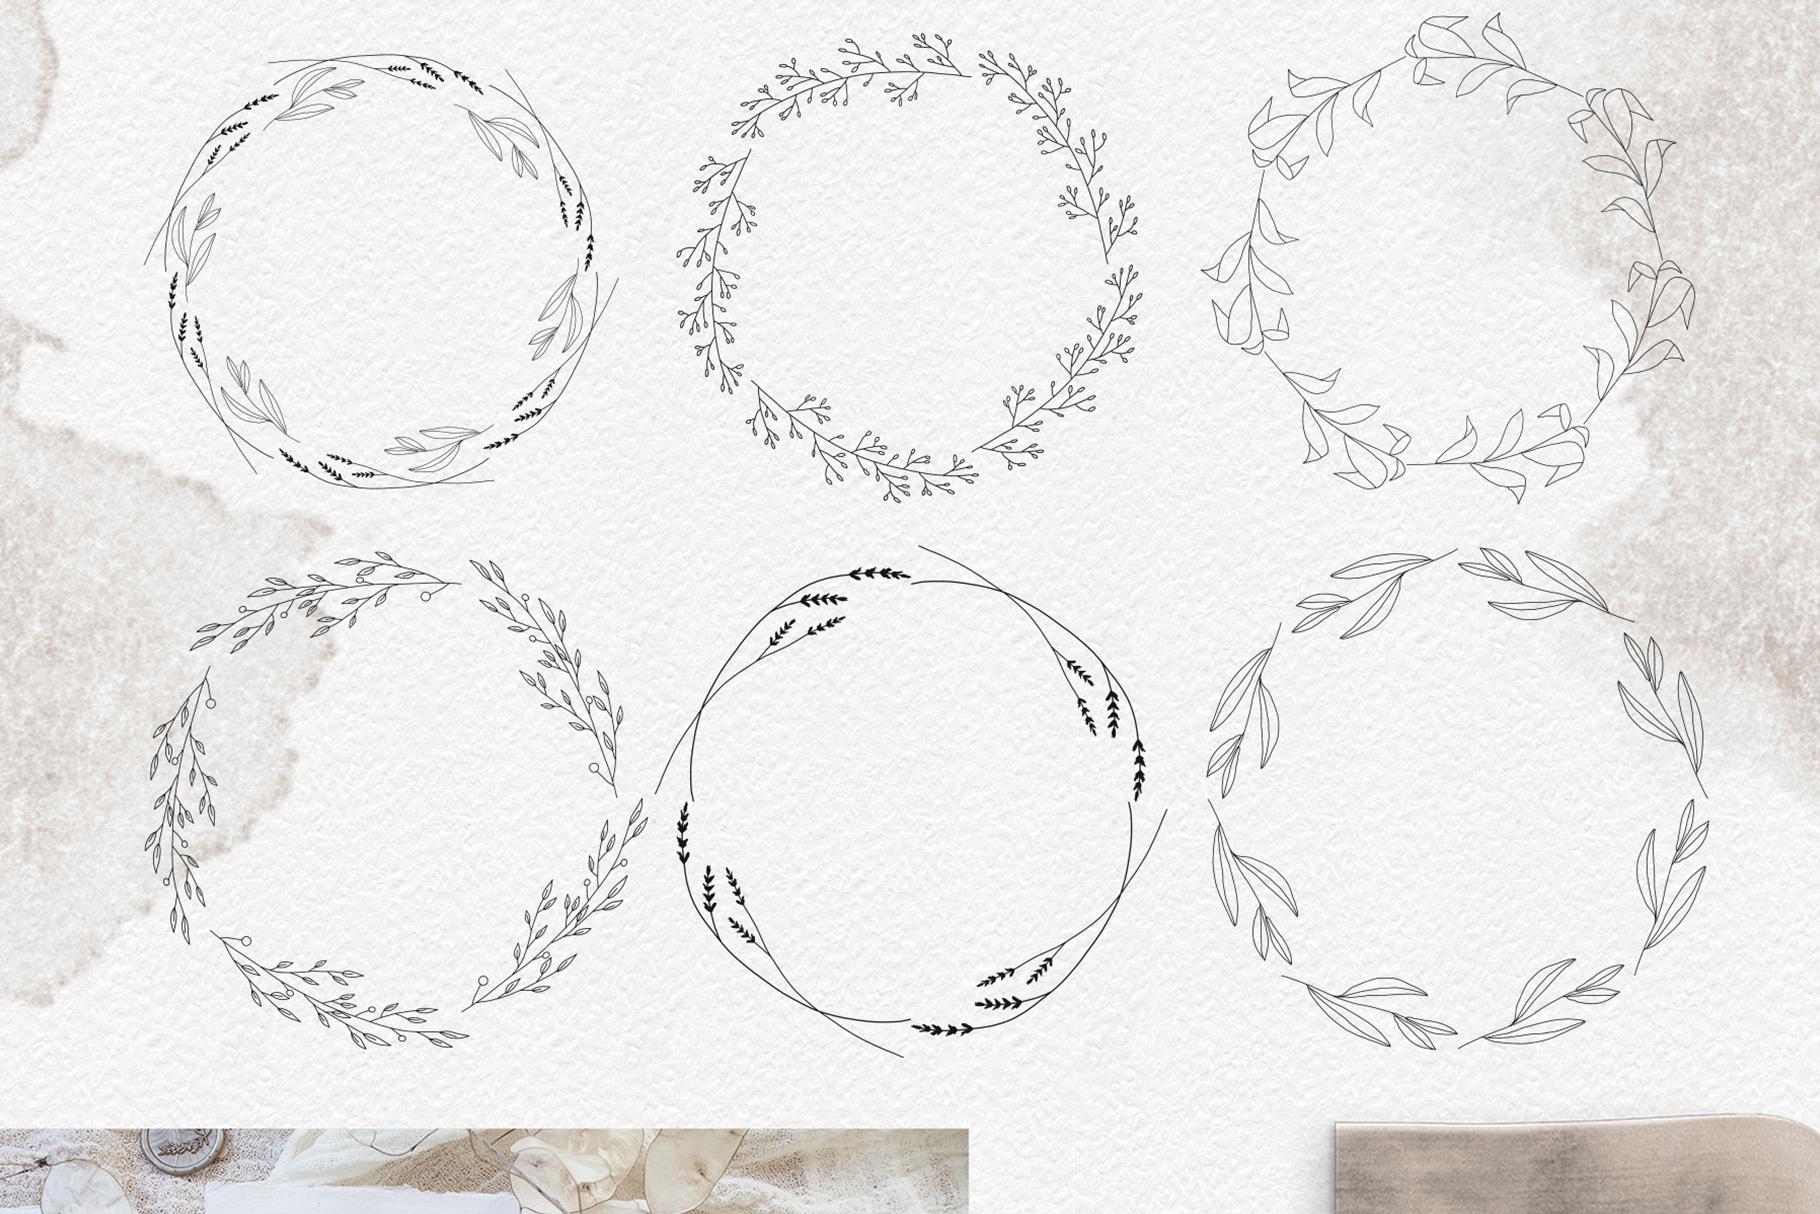 Line art botanical illustrations example image 4